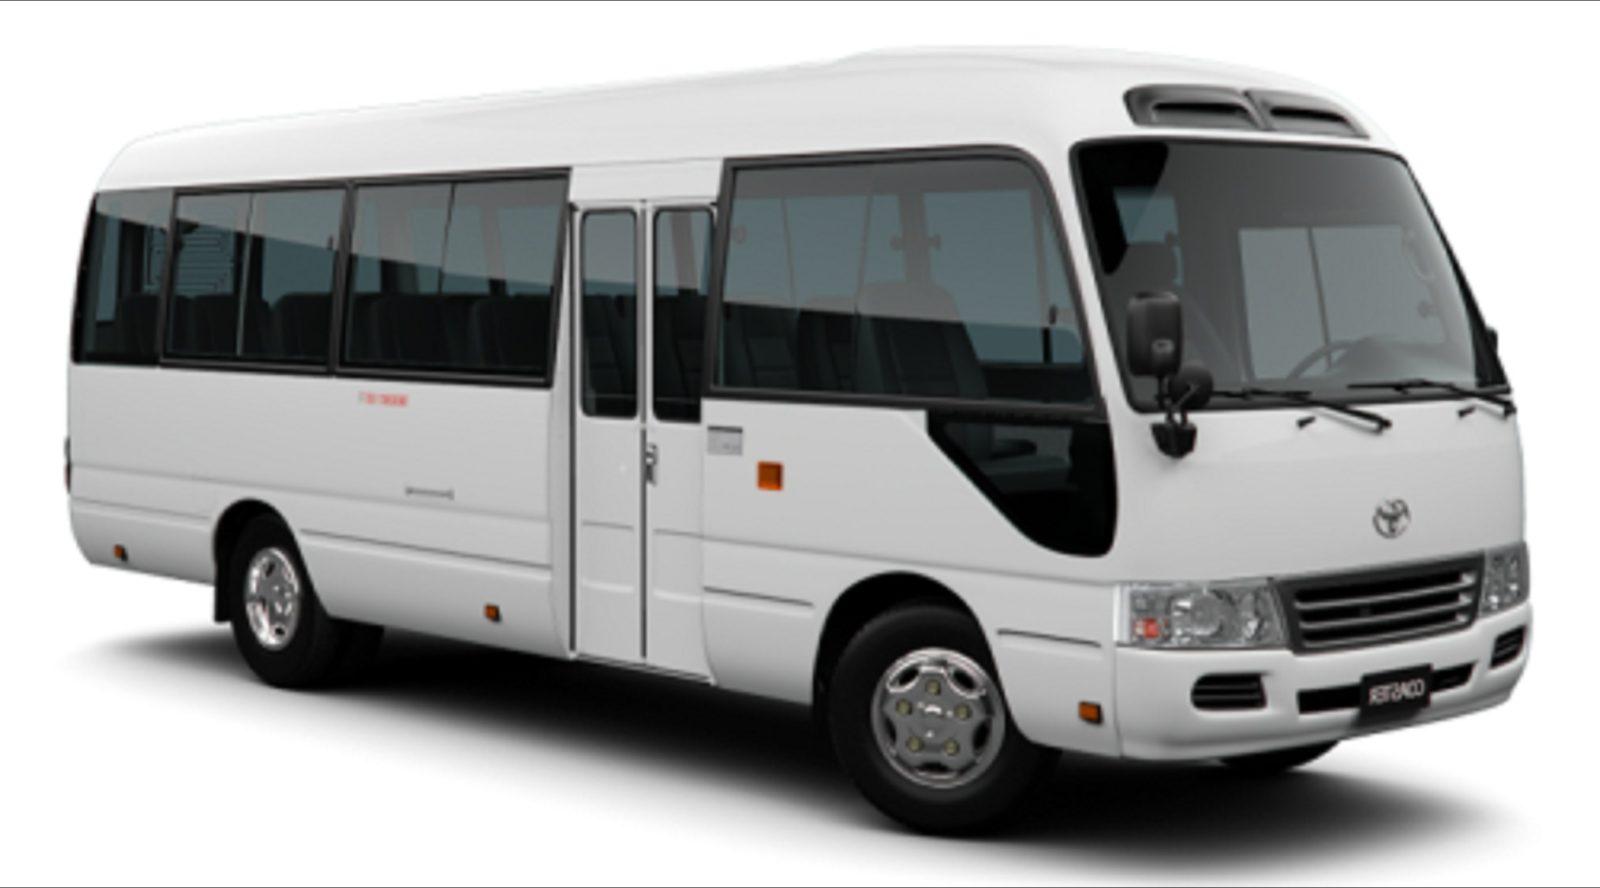 Adairs Mini Bus and Van Hire